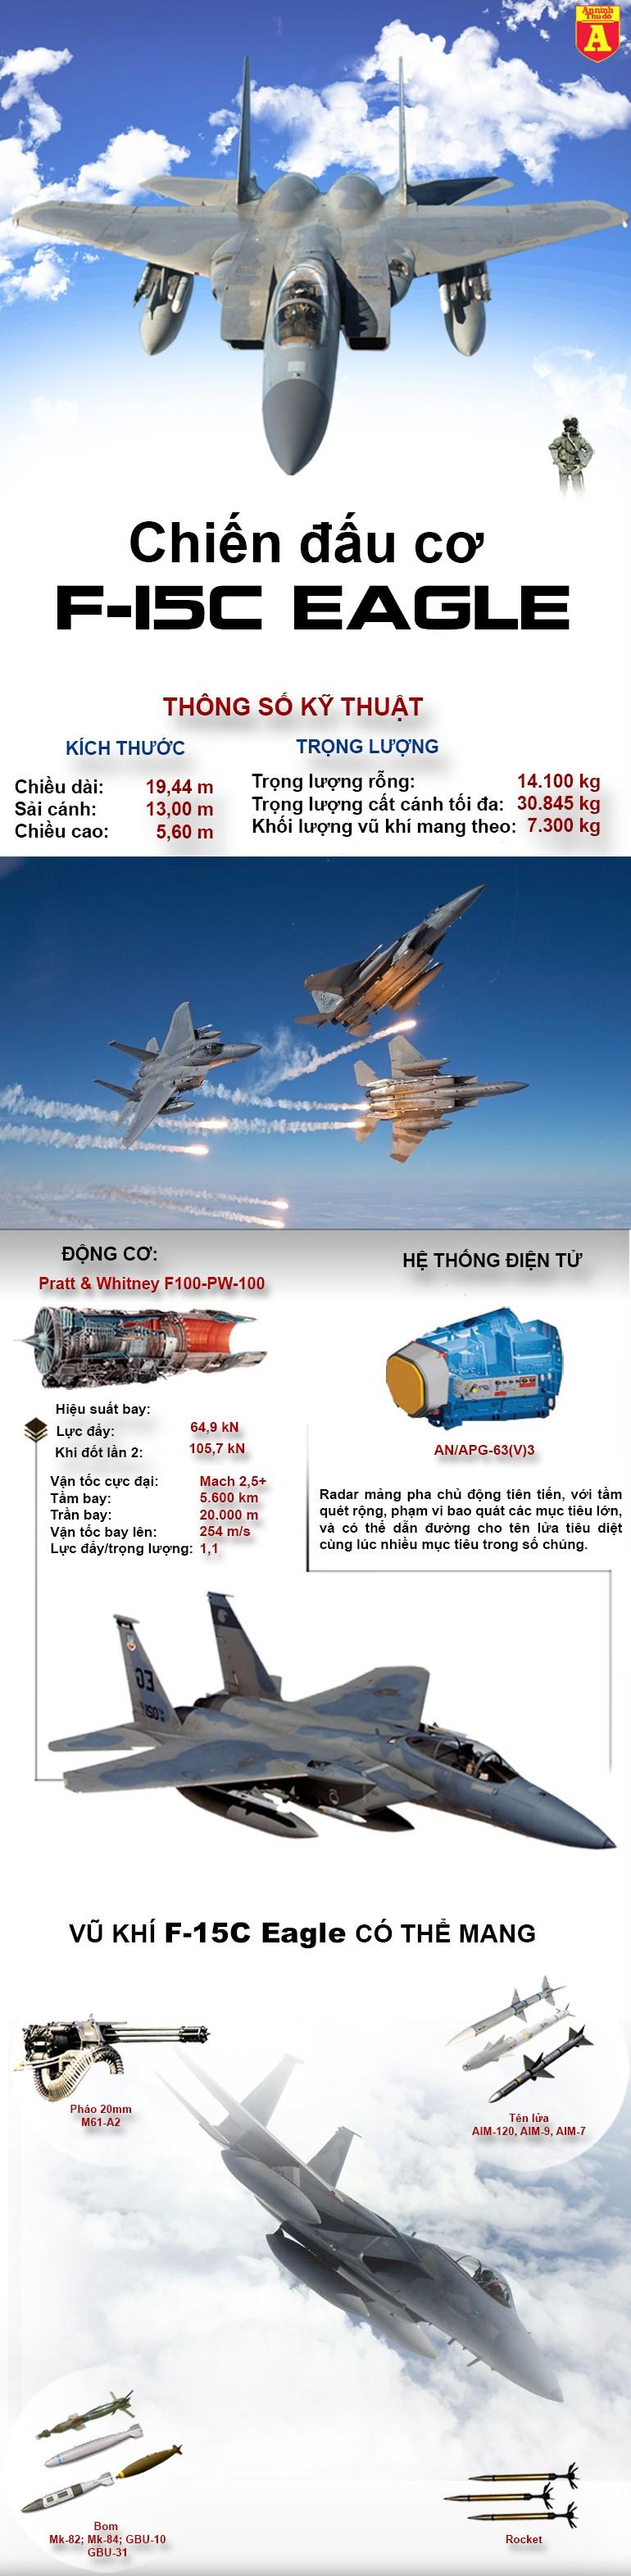 [Infographic] F-15C Mỹ xuất hiện, sẵn sàng nghiền nát không quân Triều Tiên ảnh 2